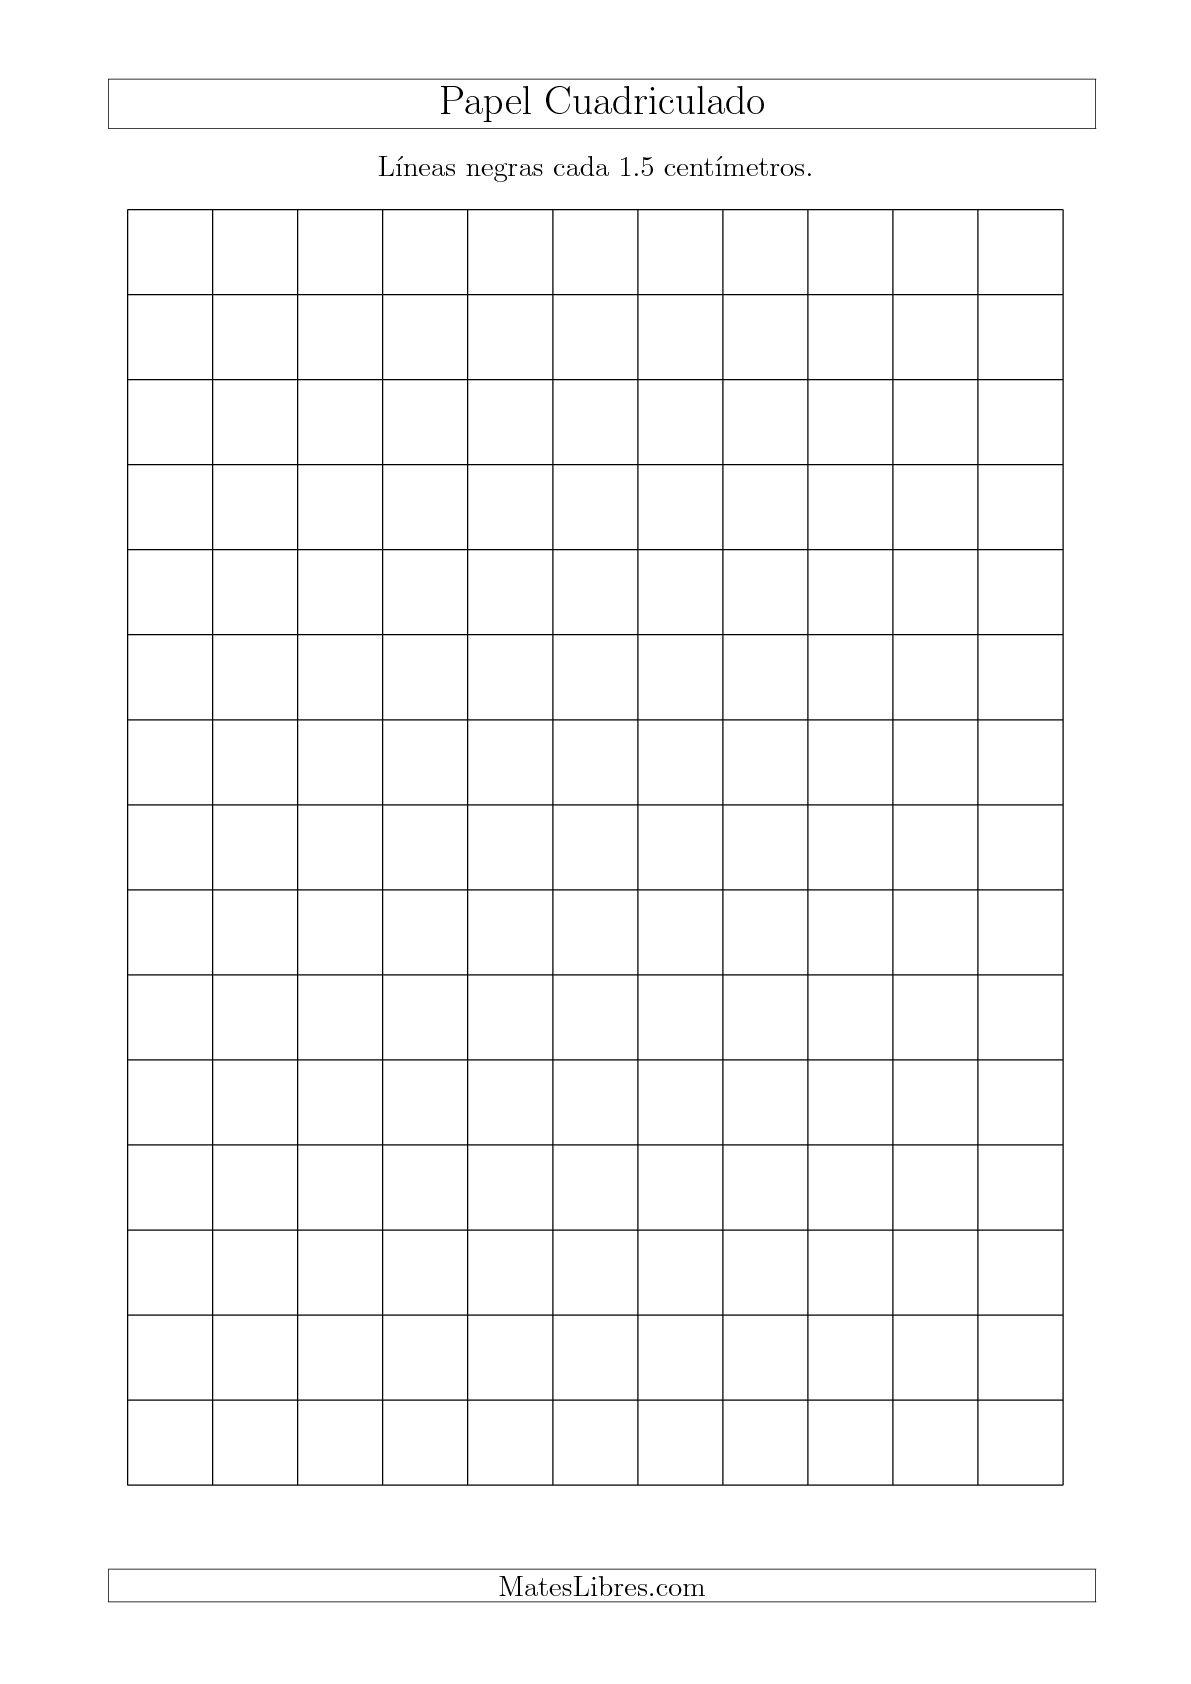 La Papel Cuadriculado con Líneas Negras cada 1.5cm, Tamaño de Papel A4 Hojas de Papel Cuadriculado